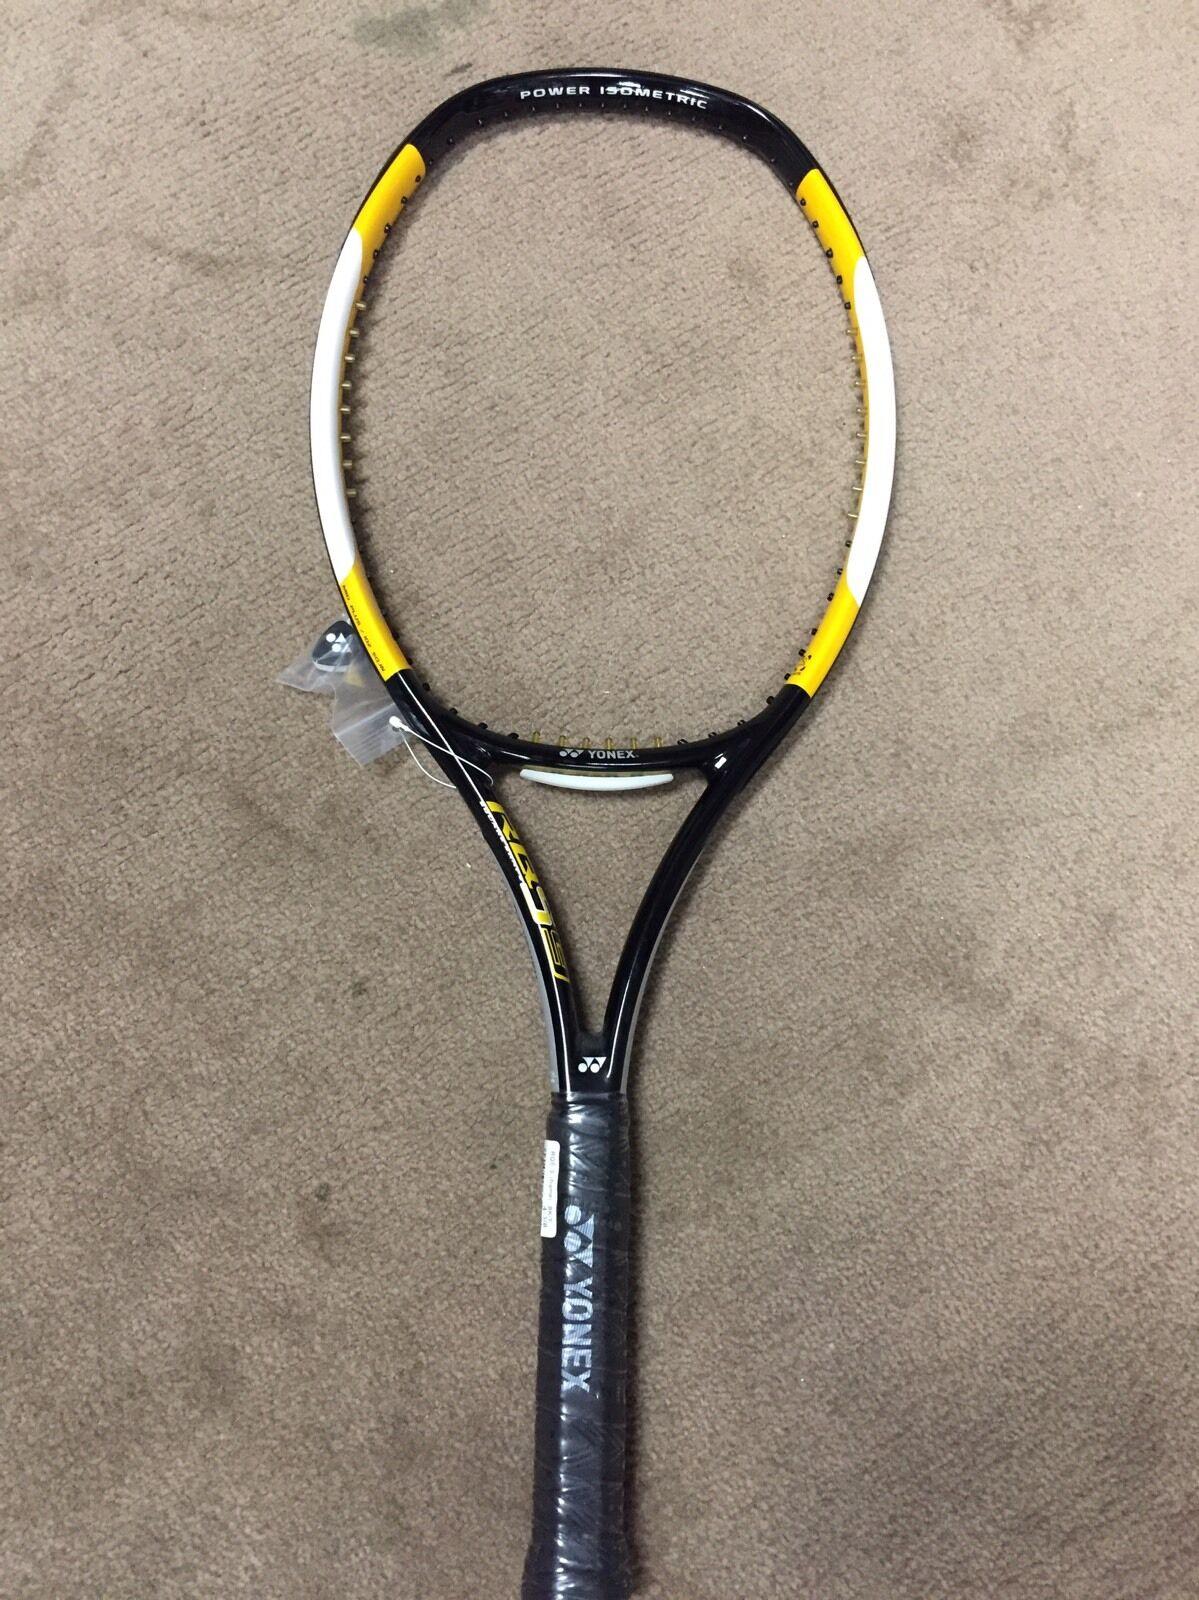 Nouveau Yonex QR 9 (16x19) Raquette De Tennis Raquettes Sz 4 3 8 MADE IN JAPAN